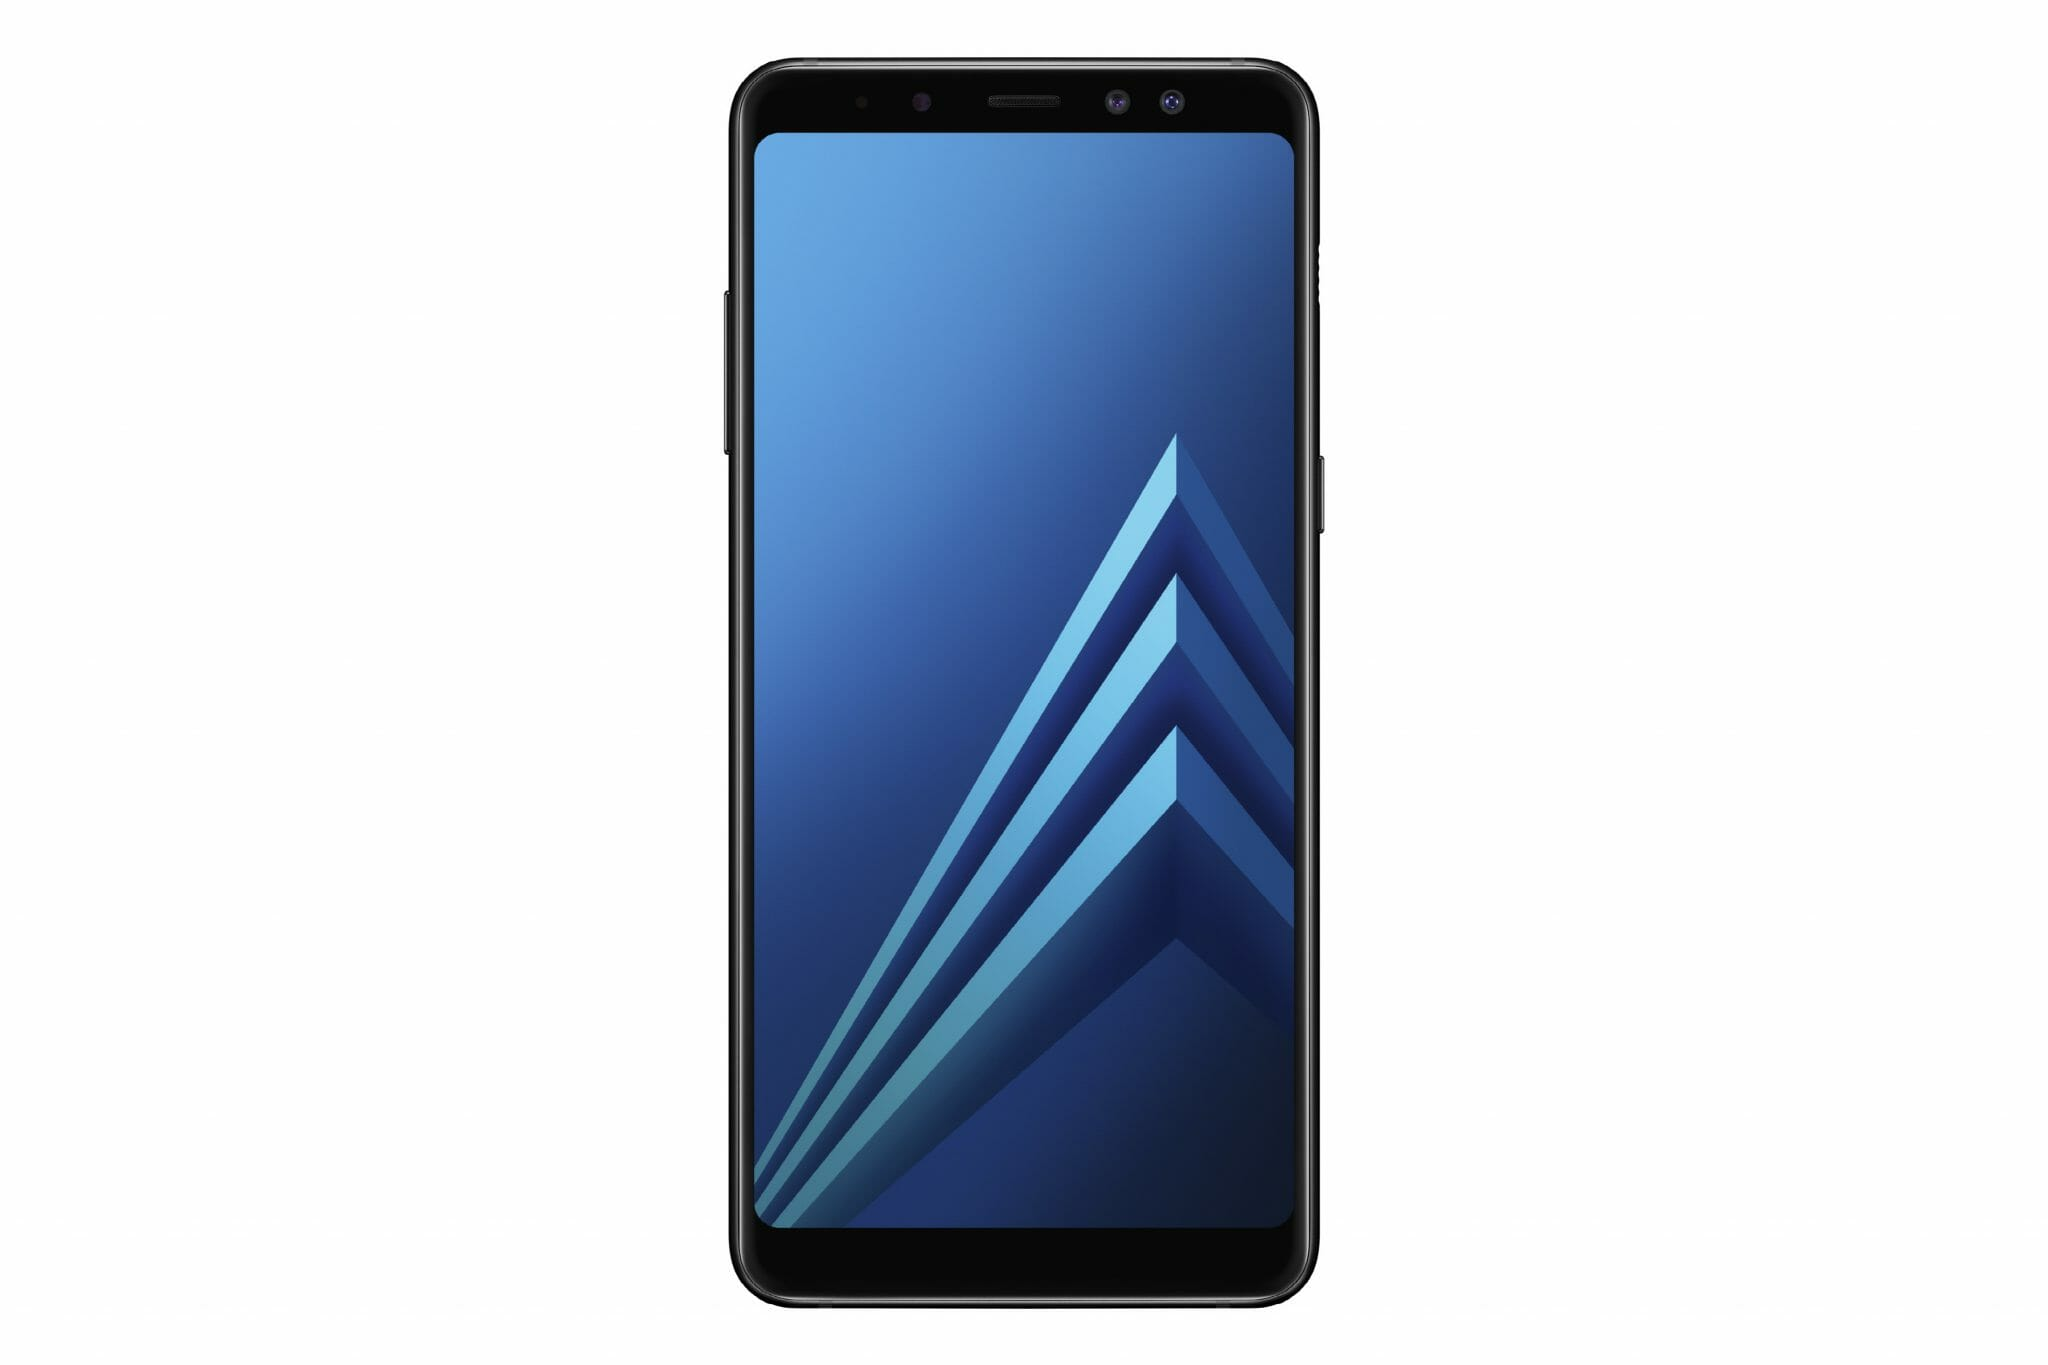 Samsung Galaxy A8+(2018) 6GB RAM